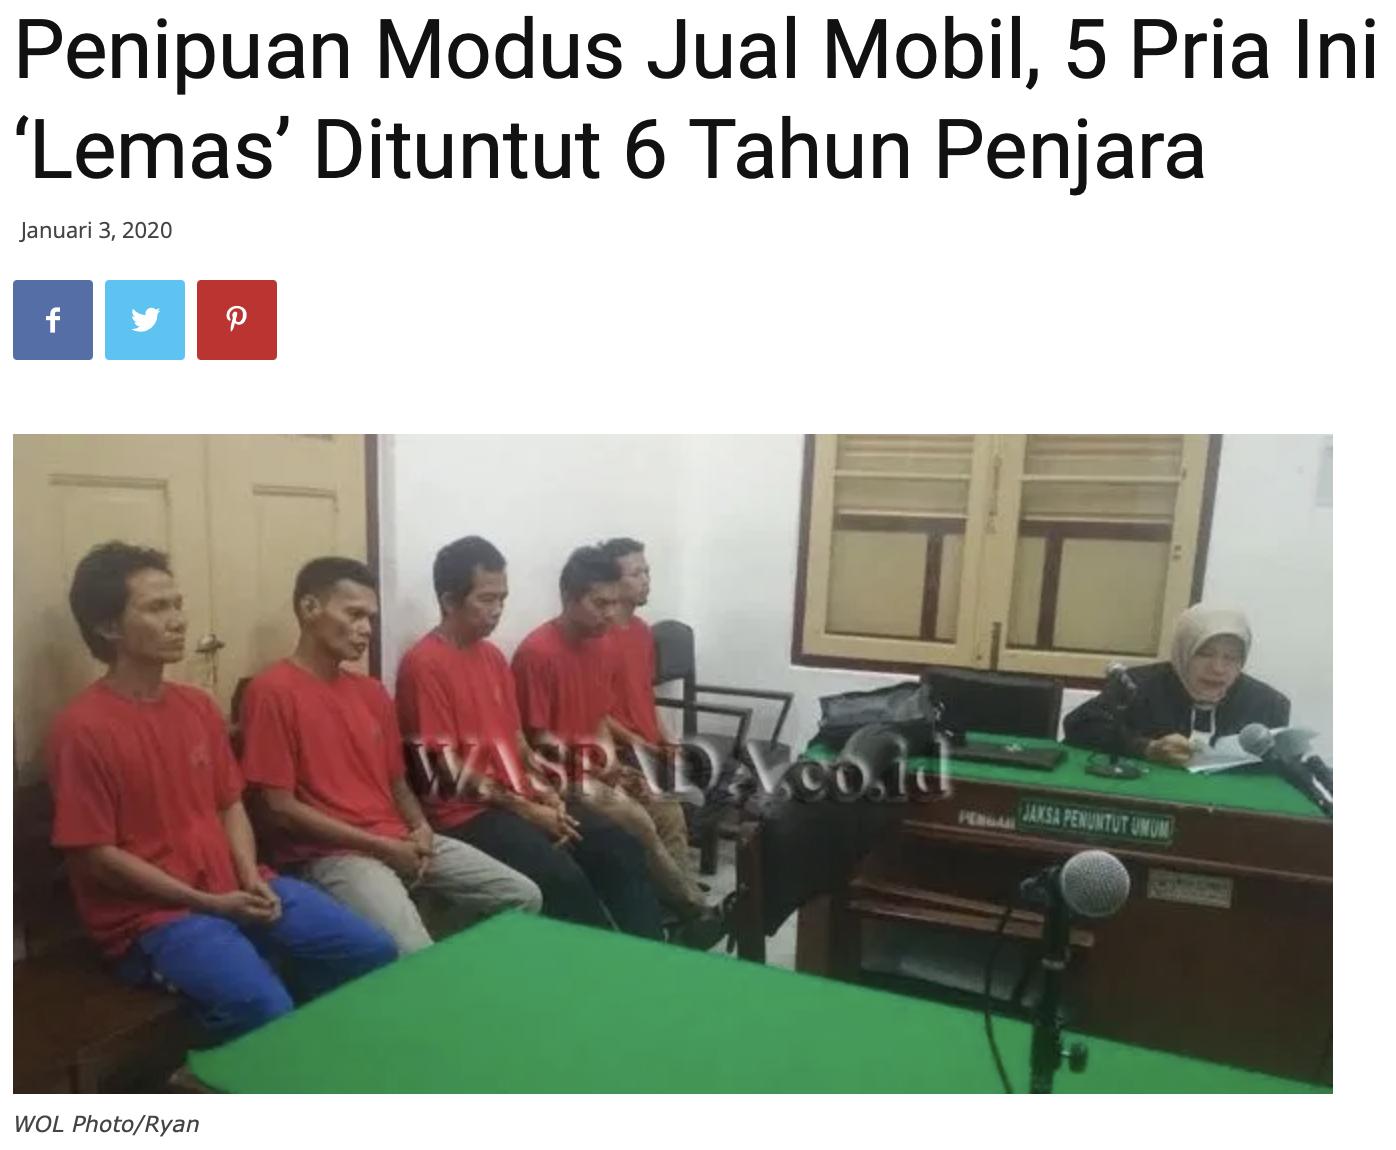 Penipuan Modus Jual Mobil, 5 Pria Ini 'Lemas' Dituntut 6 Tahun Penjara